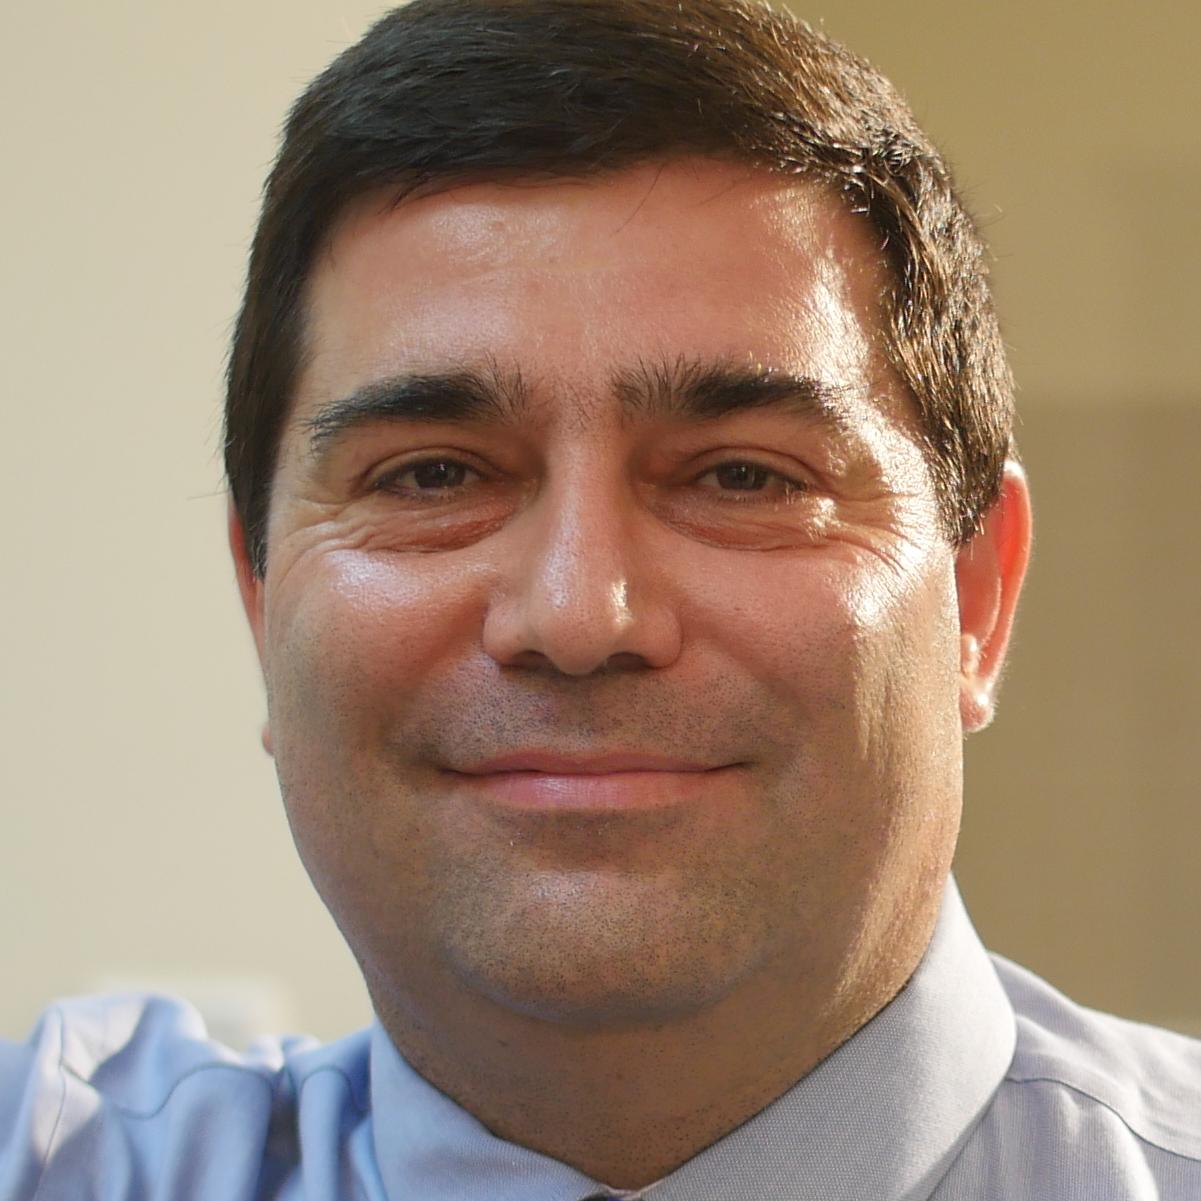 Jamil Mazzawi